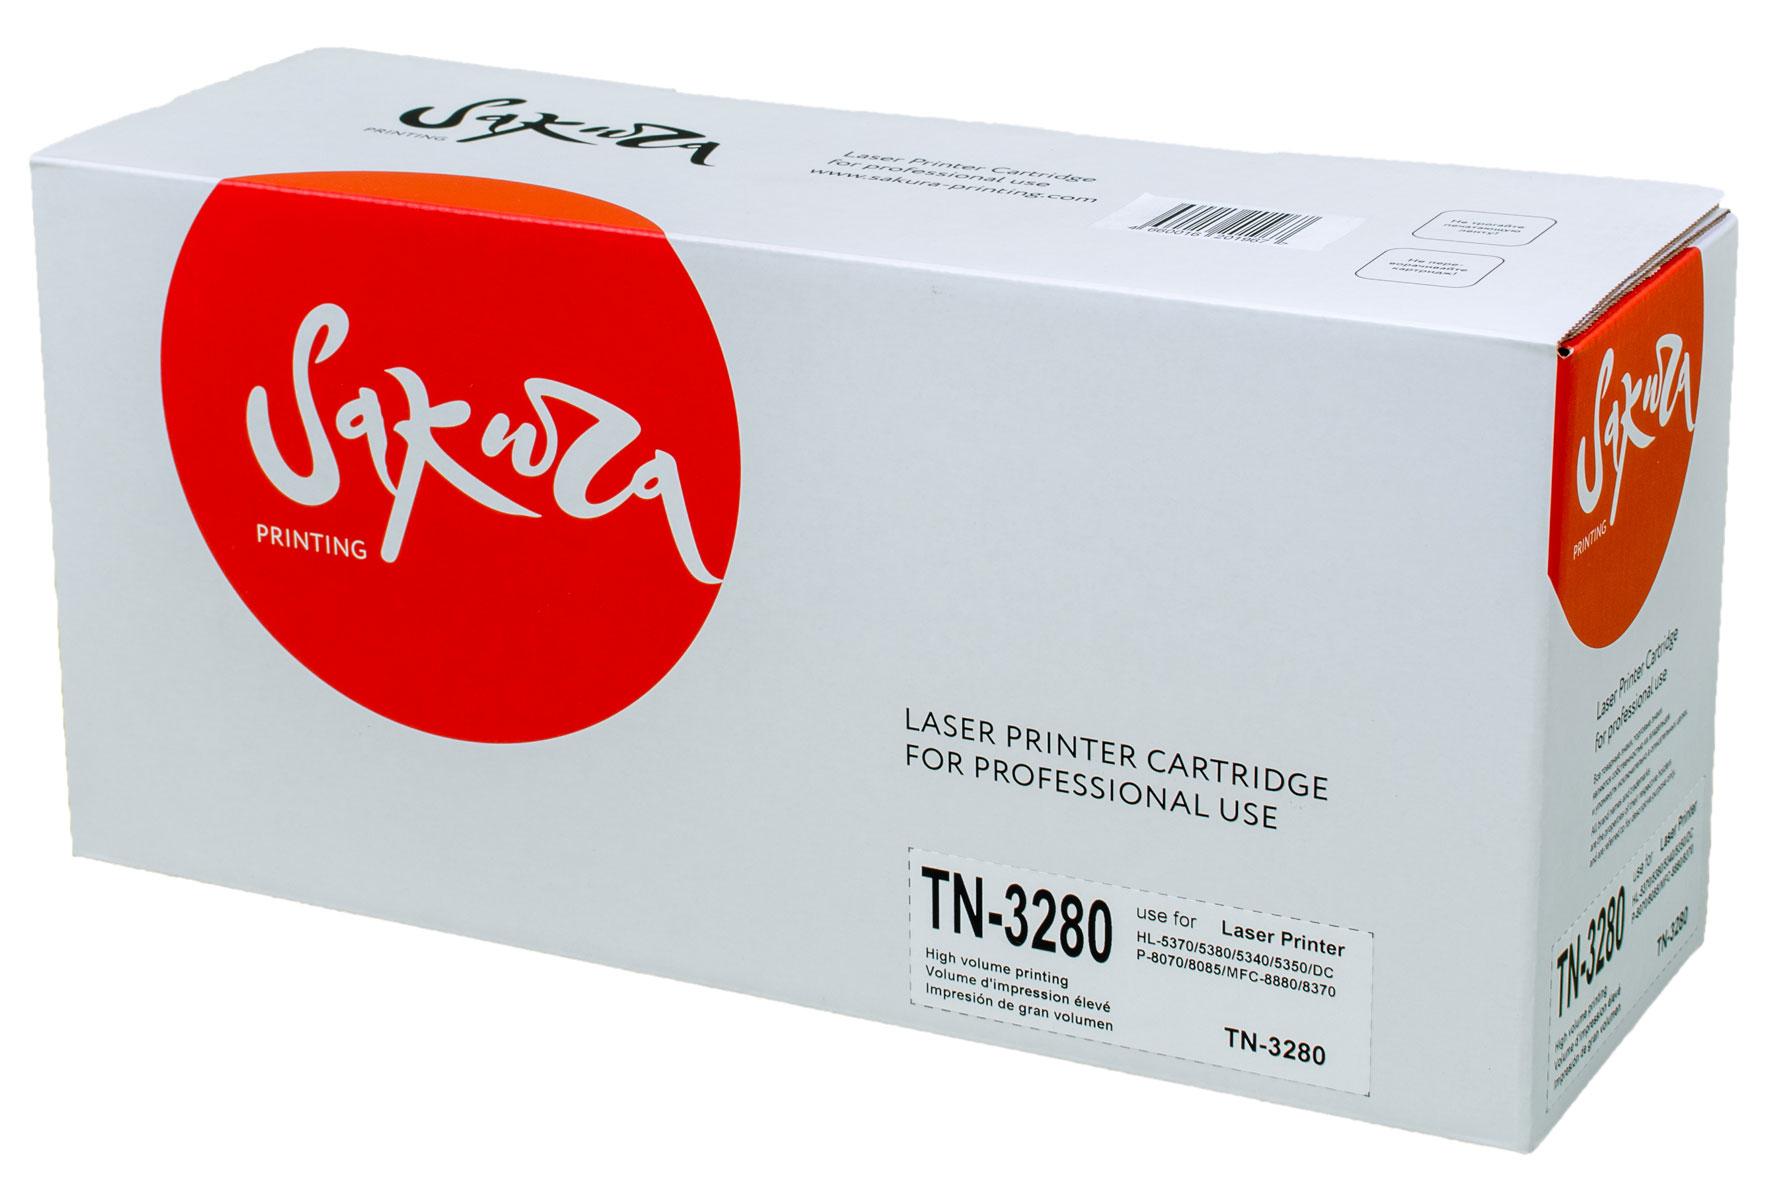 Sakura TN3280, Black тонер-картридж для Brother HL-5370/5380/5340/5350/DCP-8070/8085/MFC-8880/8370SATN3280Тонер-картридж Sakura TN3280 для лазерных принтеров Brother HL-5370/5380/5340/5350/DCP-8070/8085/MFC-8880/8370 является альтернативным решением для замены оригинальных картриджей. Он печатает с тем же качеством и имеет тот же ресурс, что и оригинальный картридж. В картриджах компании Sakura используется химический синтезированный тонер, который в отличие от дешевого тонера из перемолотого полимера, не царапает, а смазывает печатающий вал, что приводит к возможности многократных перезаправок картриджей. Такой подход гарантирует долгий срок службы принтера, превосходное качество и стабильность печати.Тонер-картриджи Sakura производятся при строгом соответствии стандартам ISO 9001 и ISO 14001, что подтверждено международными сертификатами.